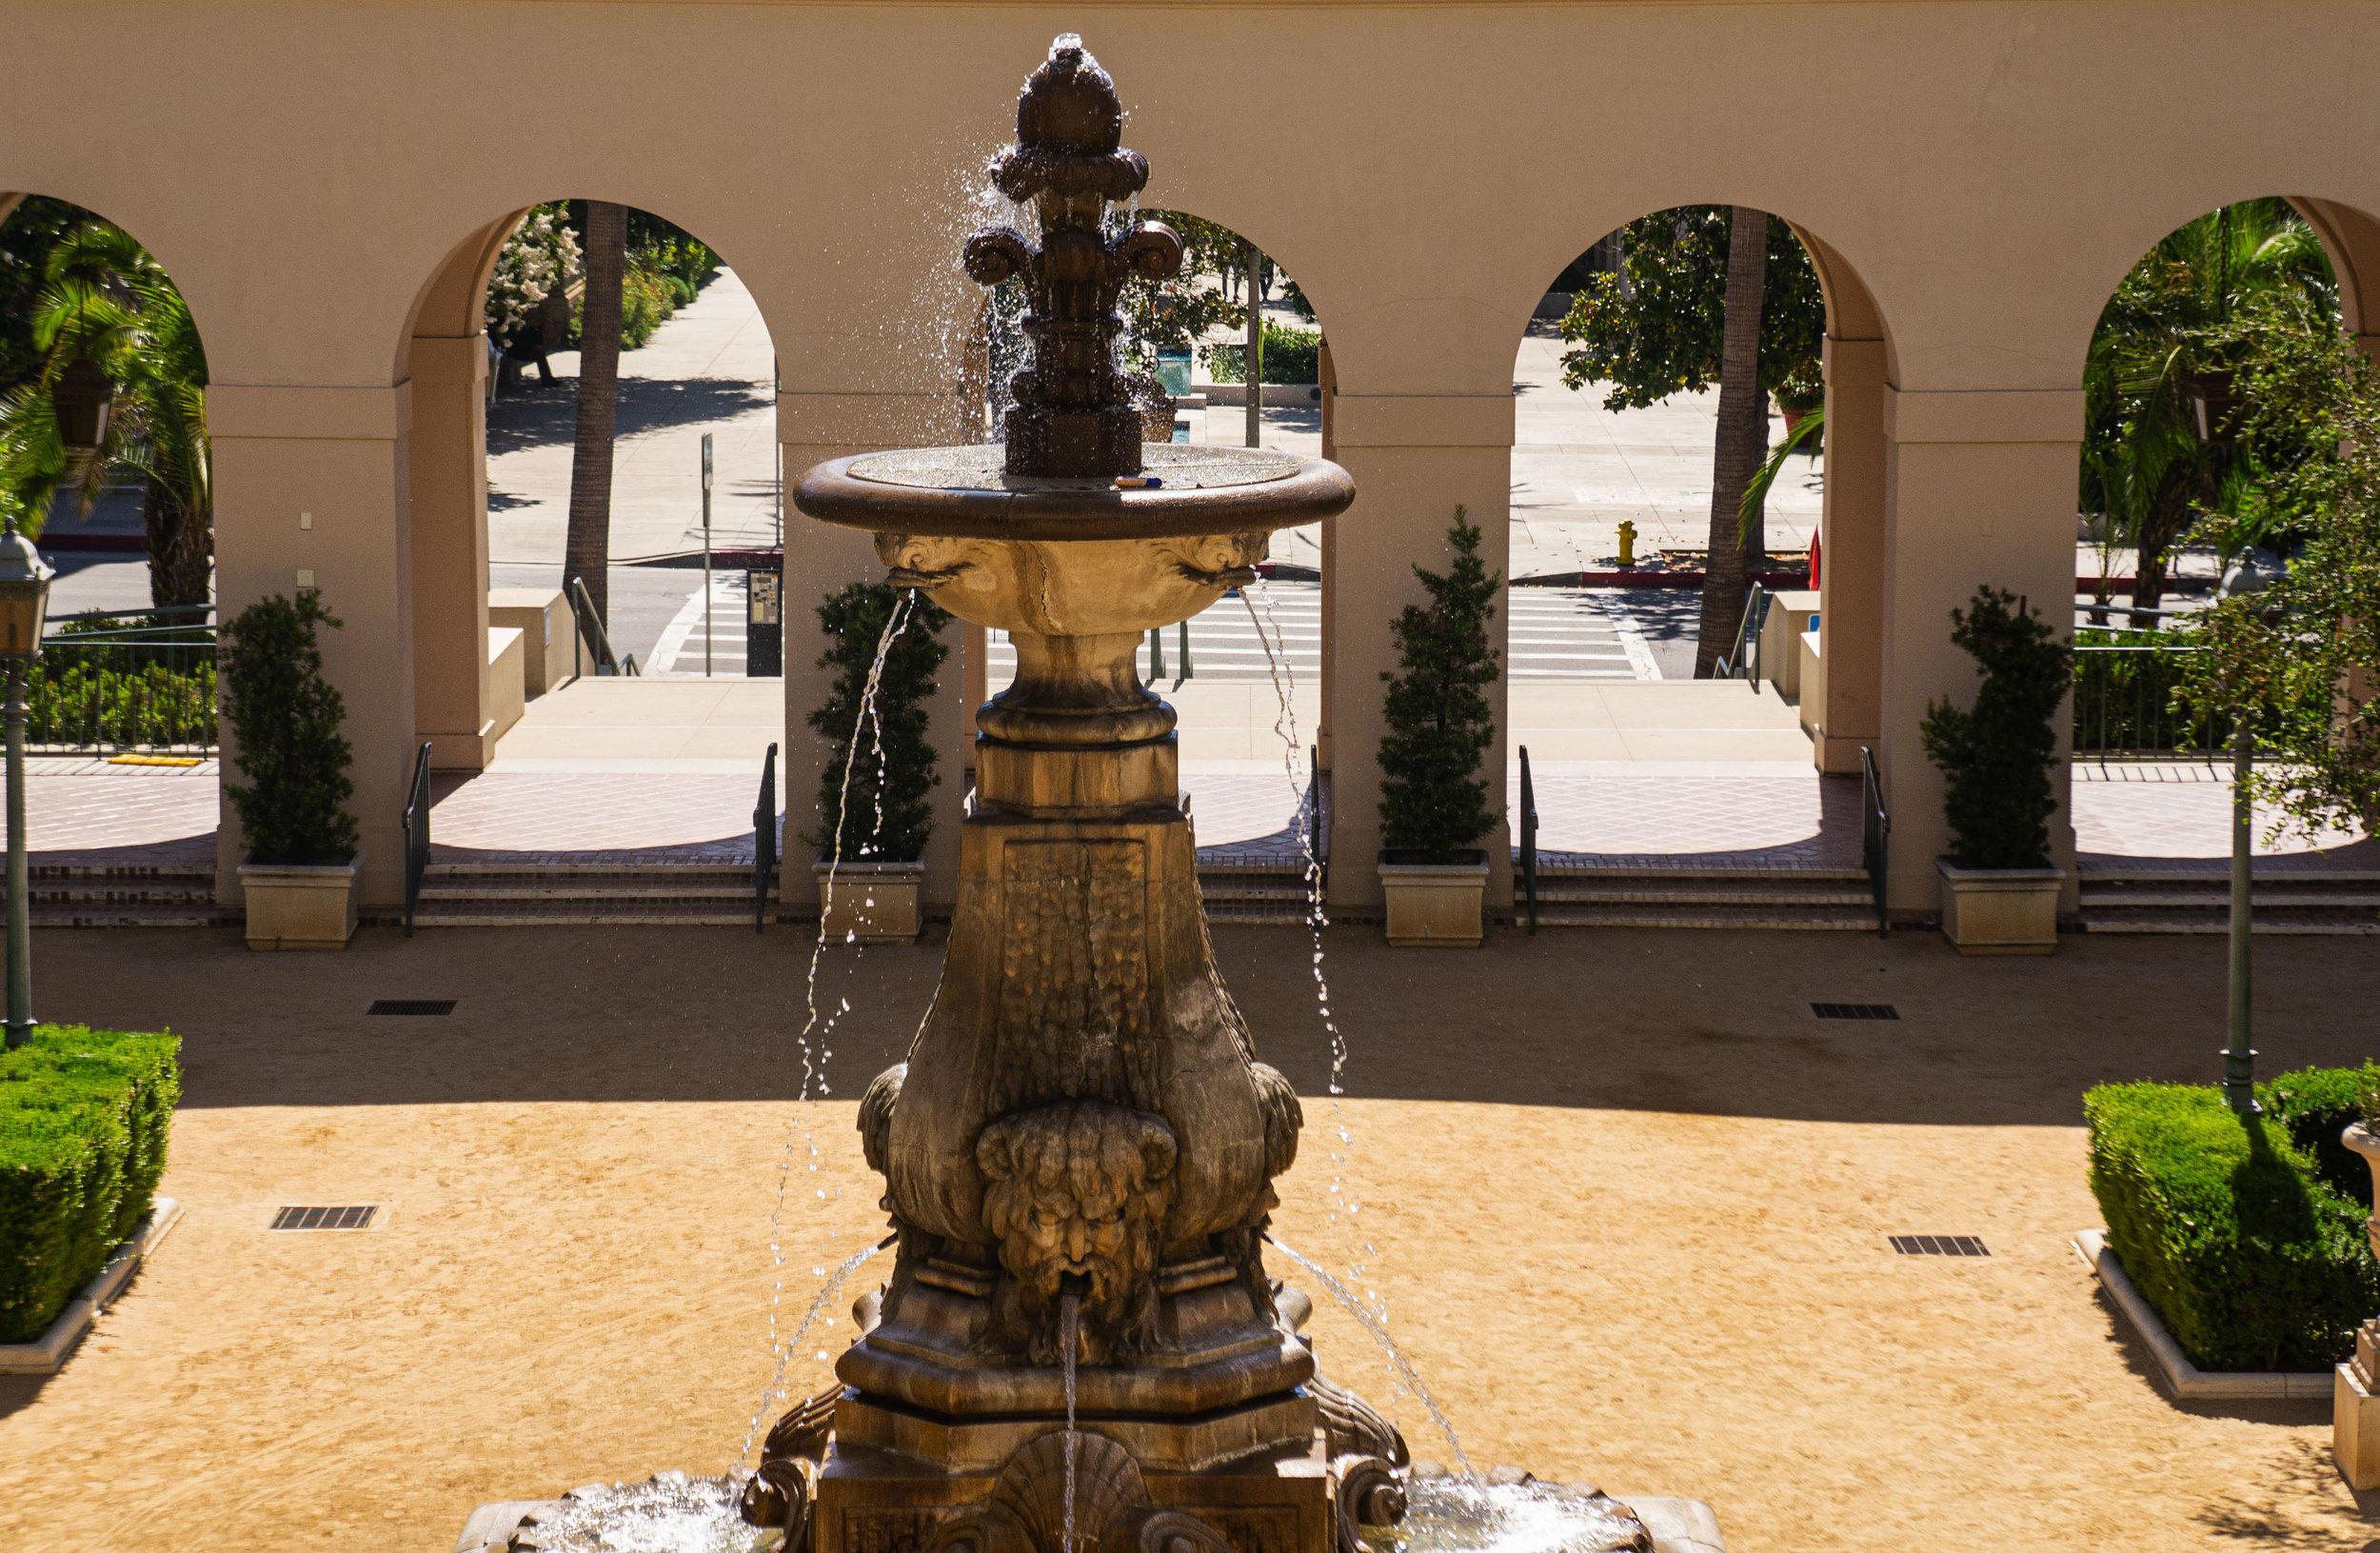 pasadena city hall stills -repo 27.jpg